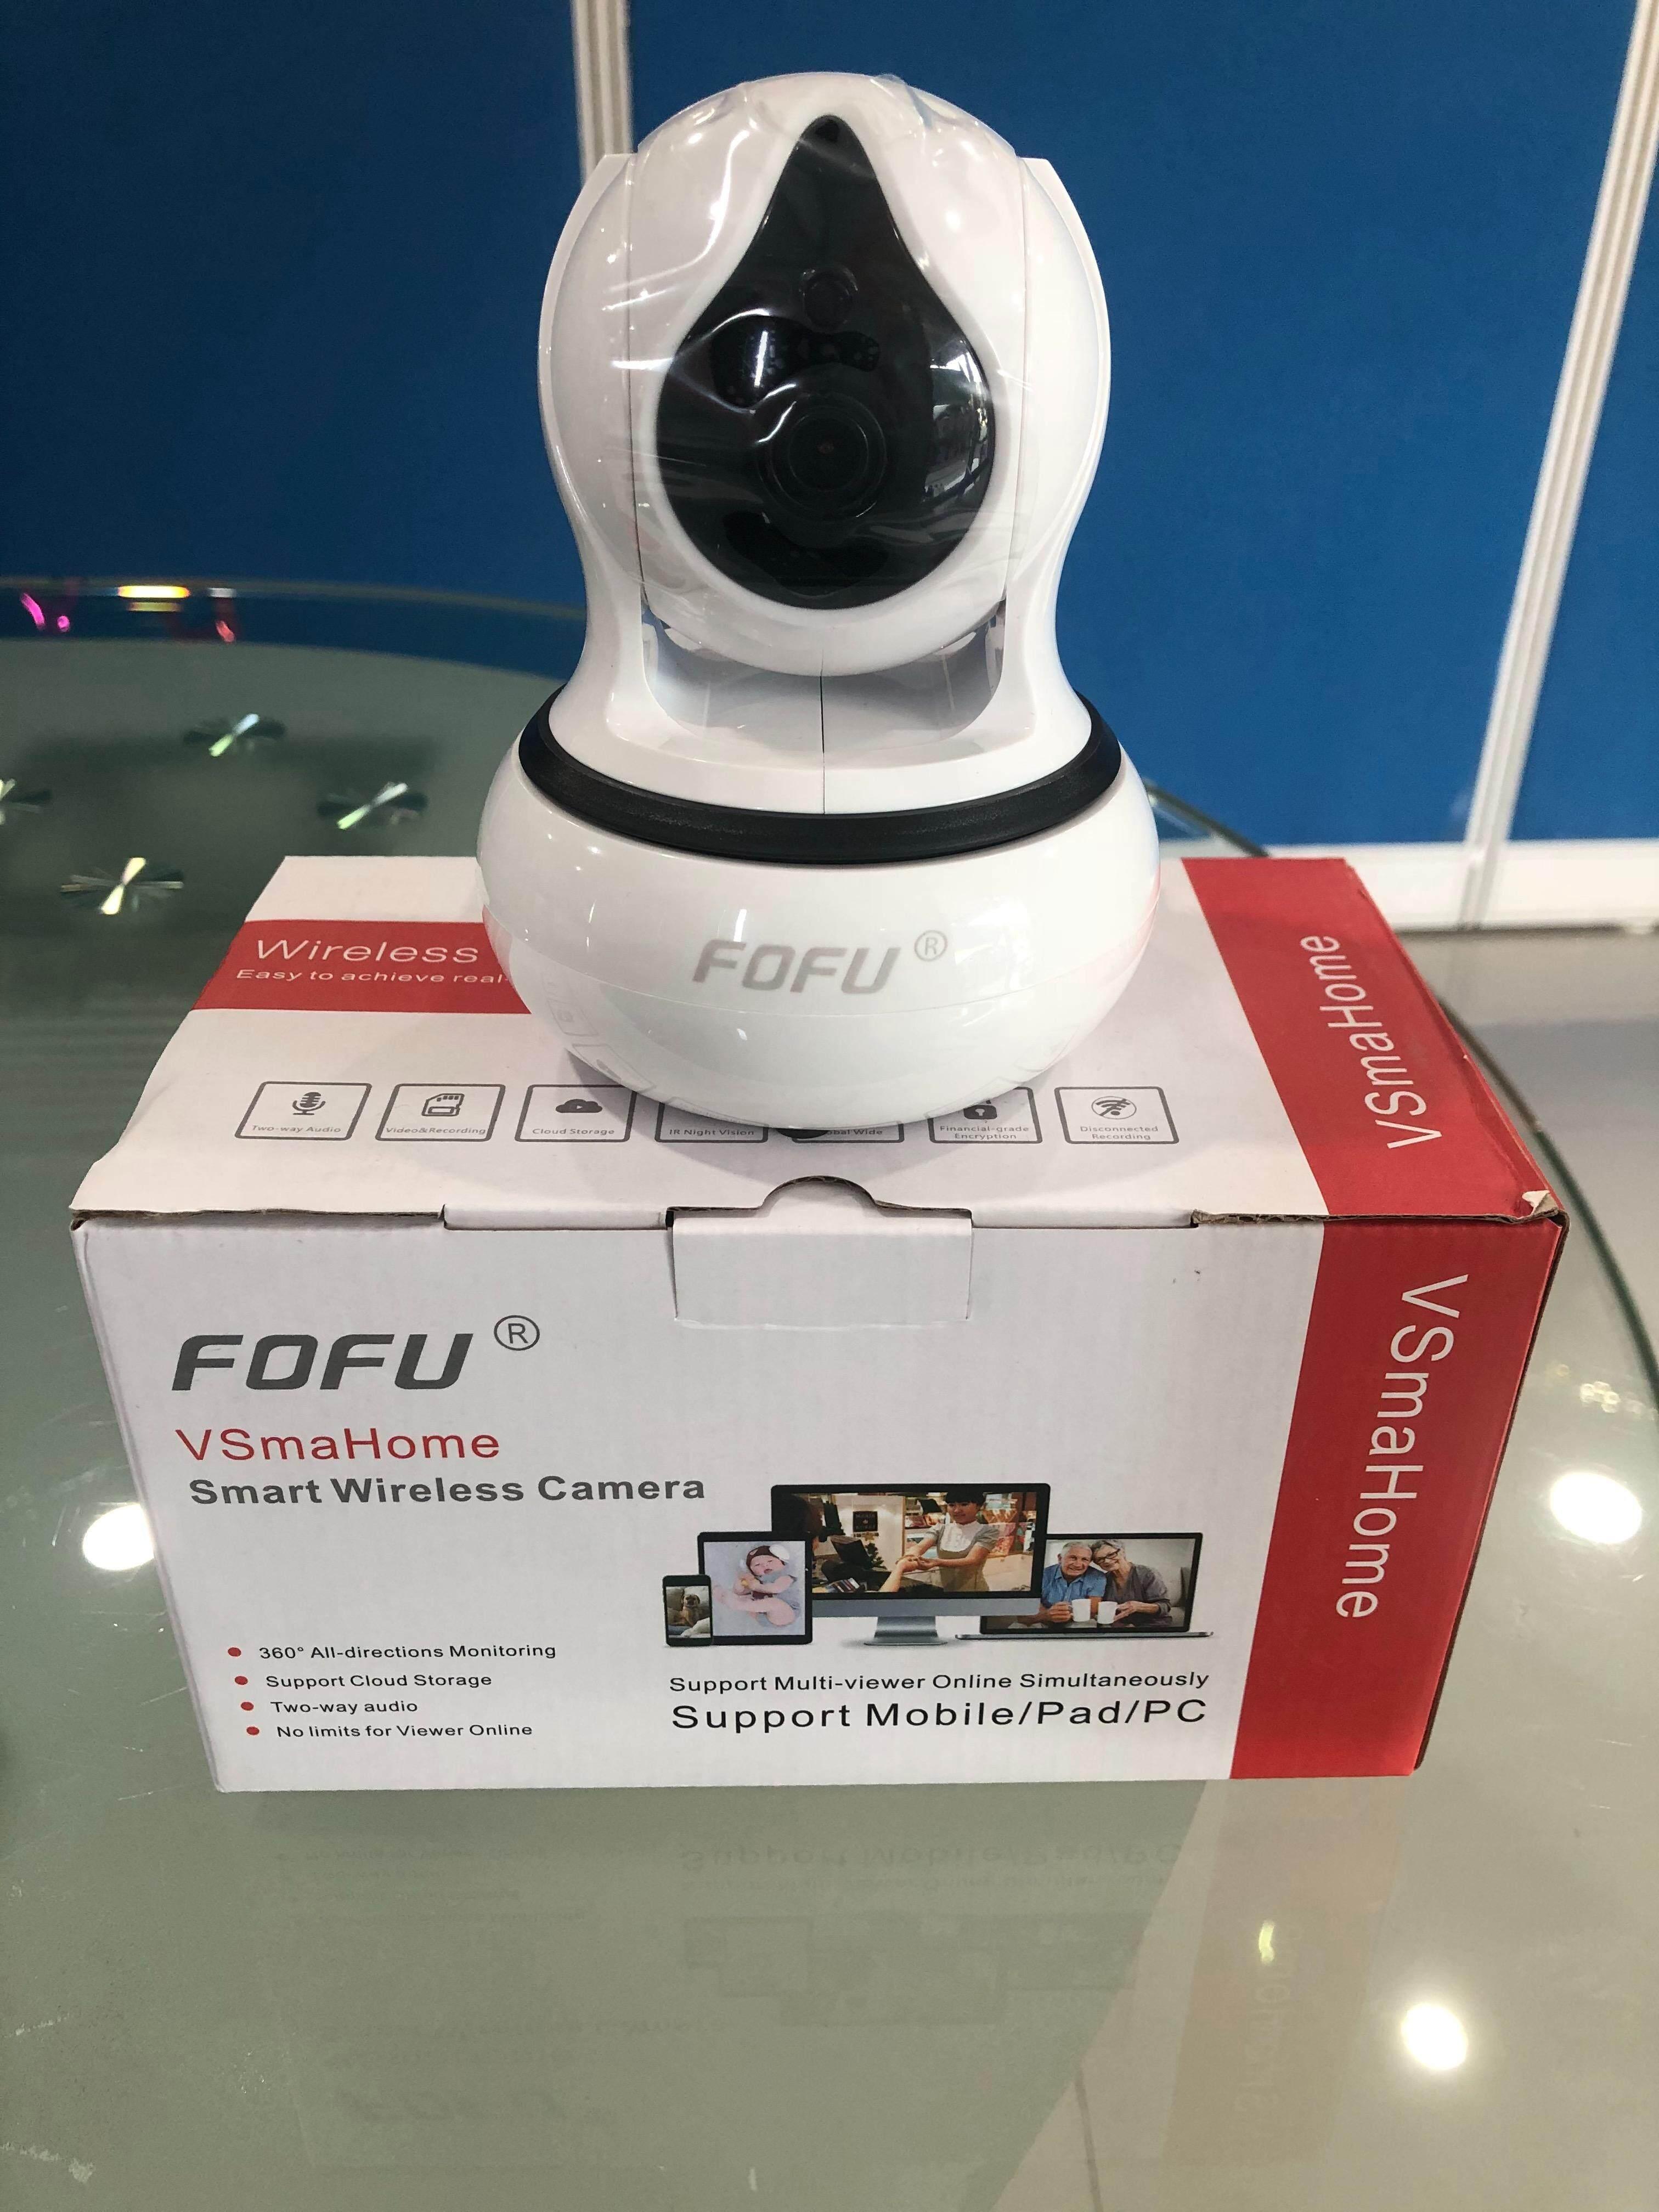 กล้องโรบอท Fofu Ip Smart Camera รุ่น Ff-8120wp/w ความละเอียด 1 ล้าน เมกกะพิกเซล เชื่อมต่อได้ง่ายผ่าน Wifi โดยไม่ต้องเดินสายแลนด์ By Farcom Electronic Technology Co.,ltd..